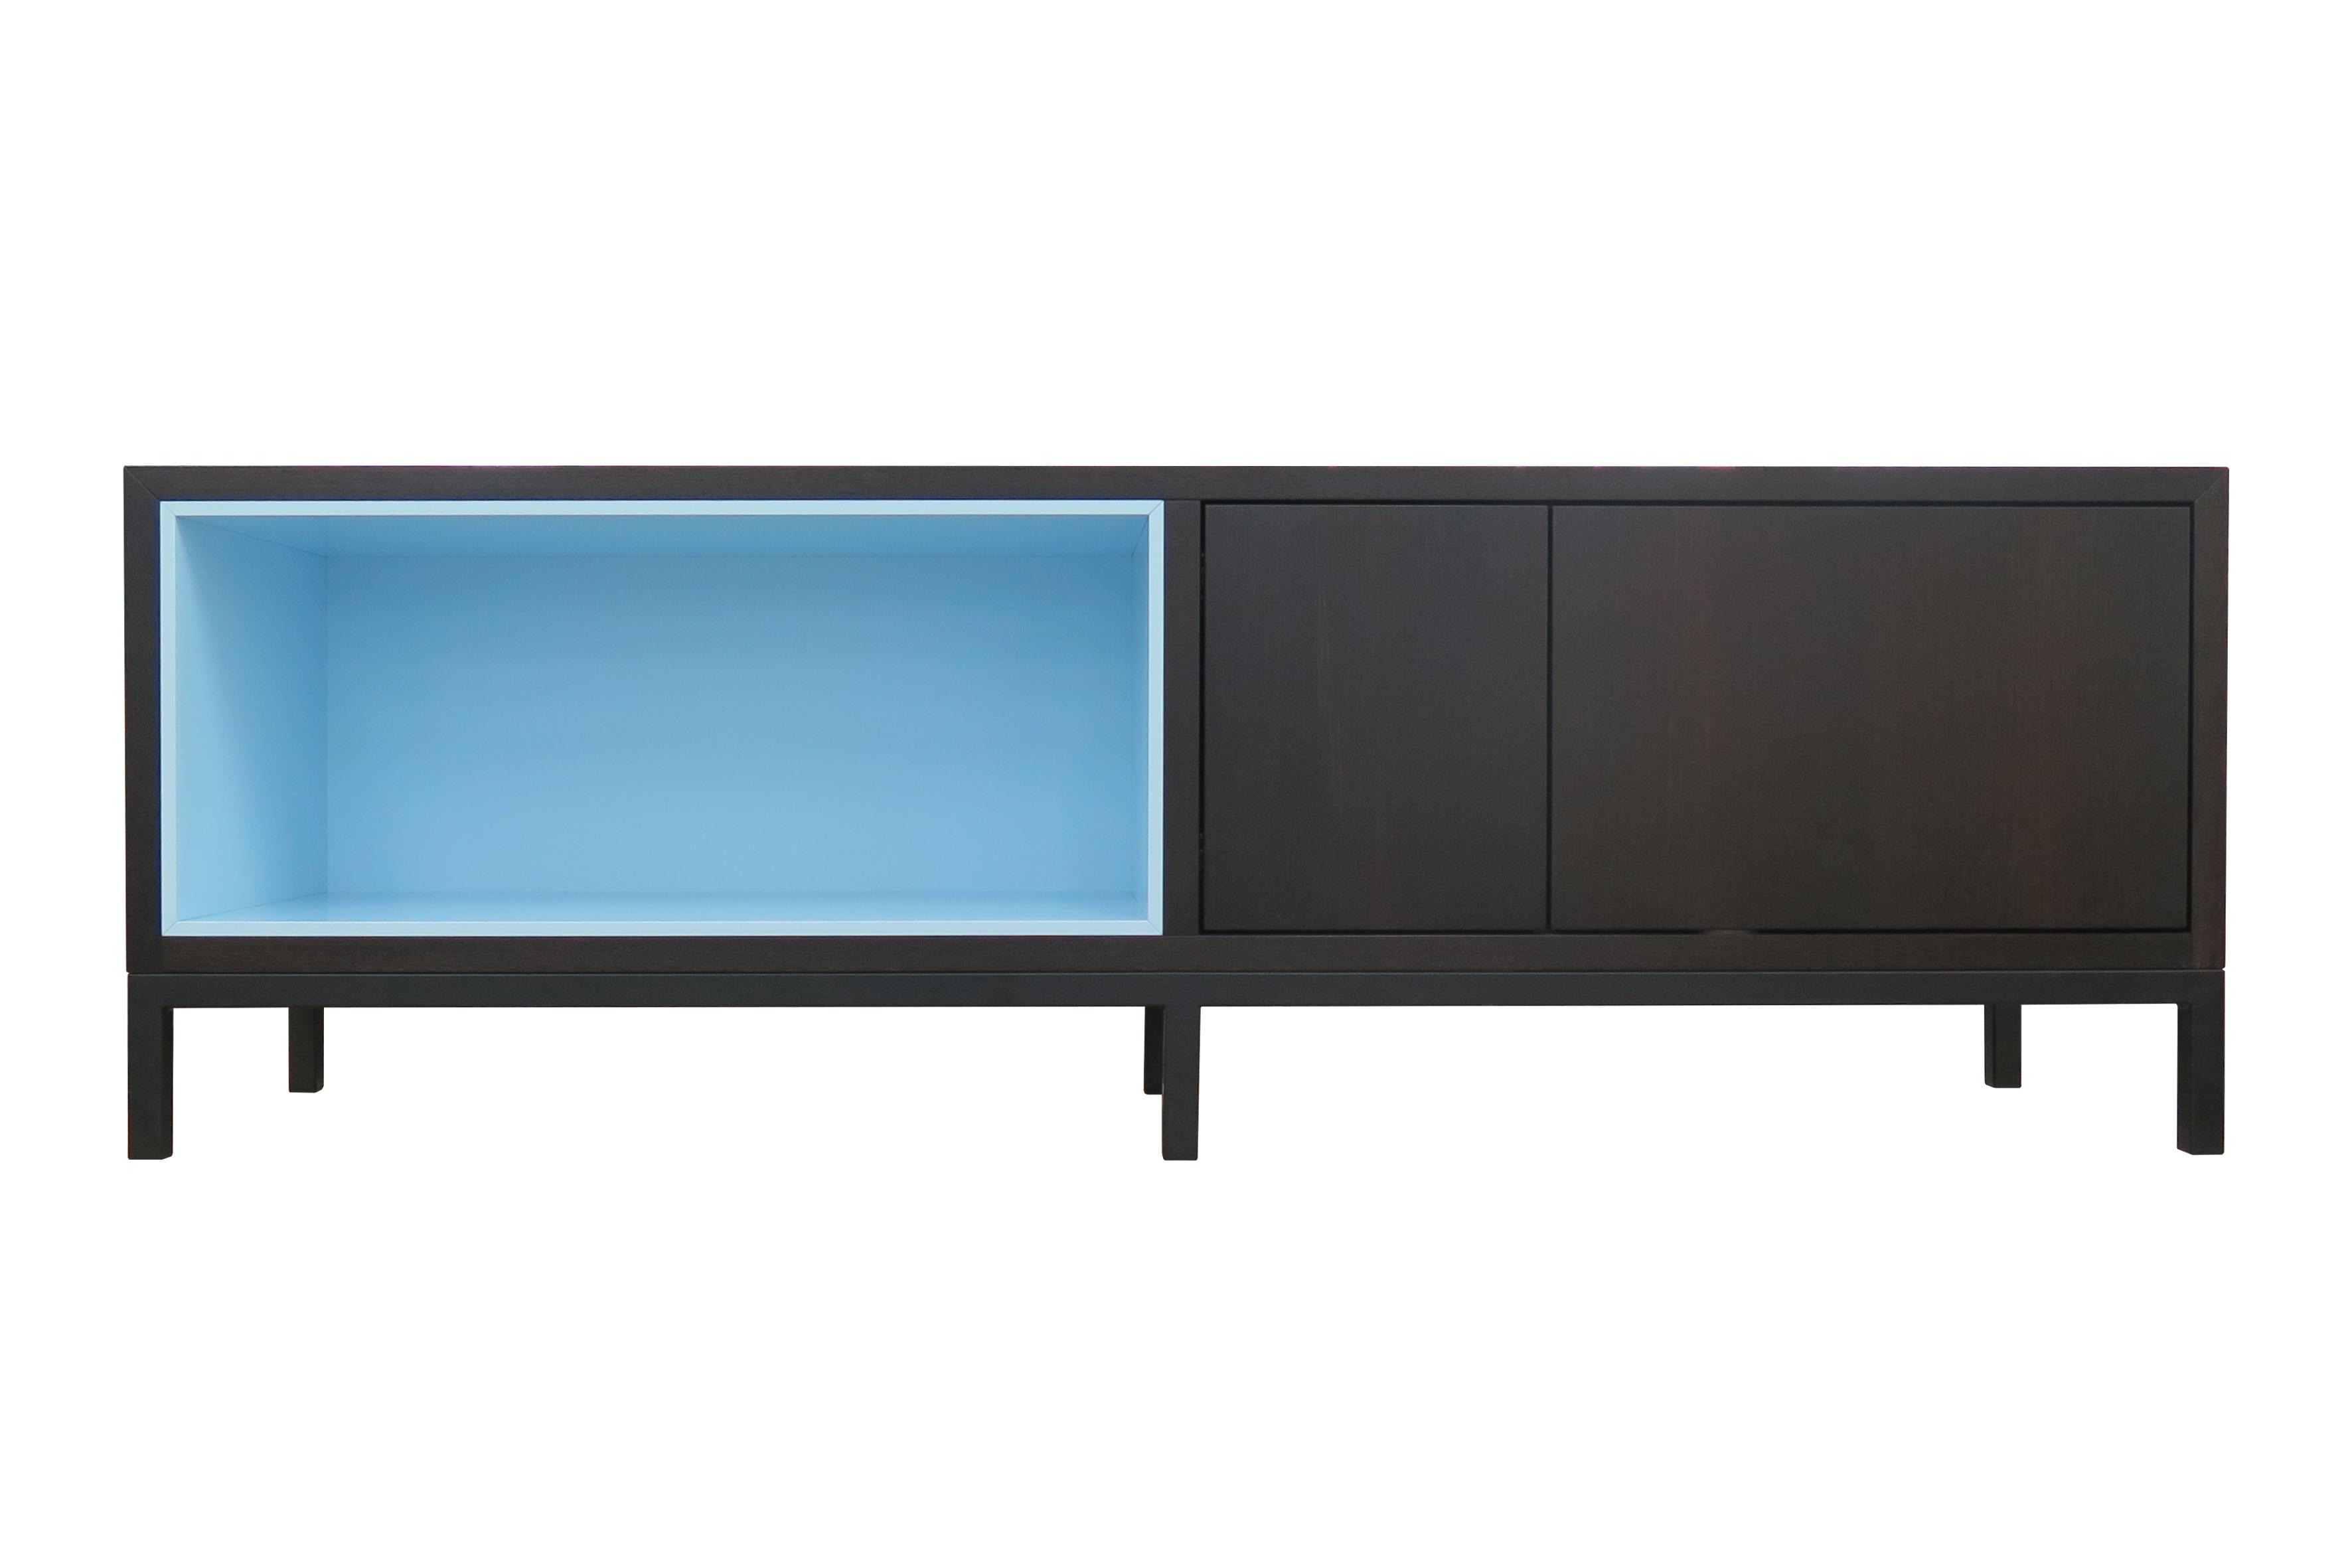 Möbeldesign – Sie entwerfen, wir planen und realisieren